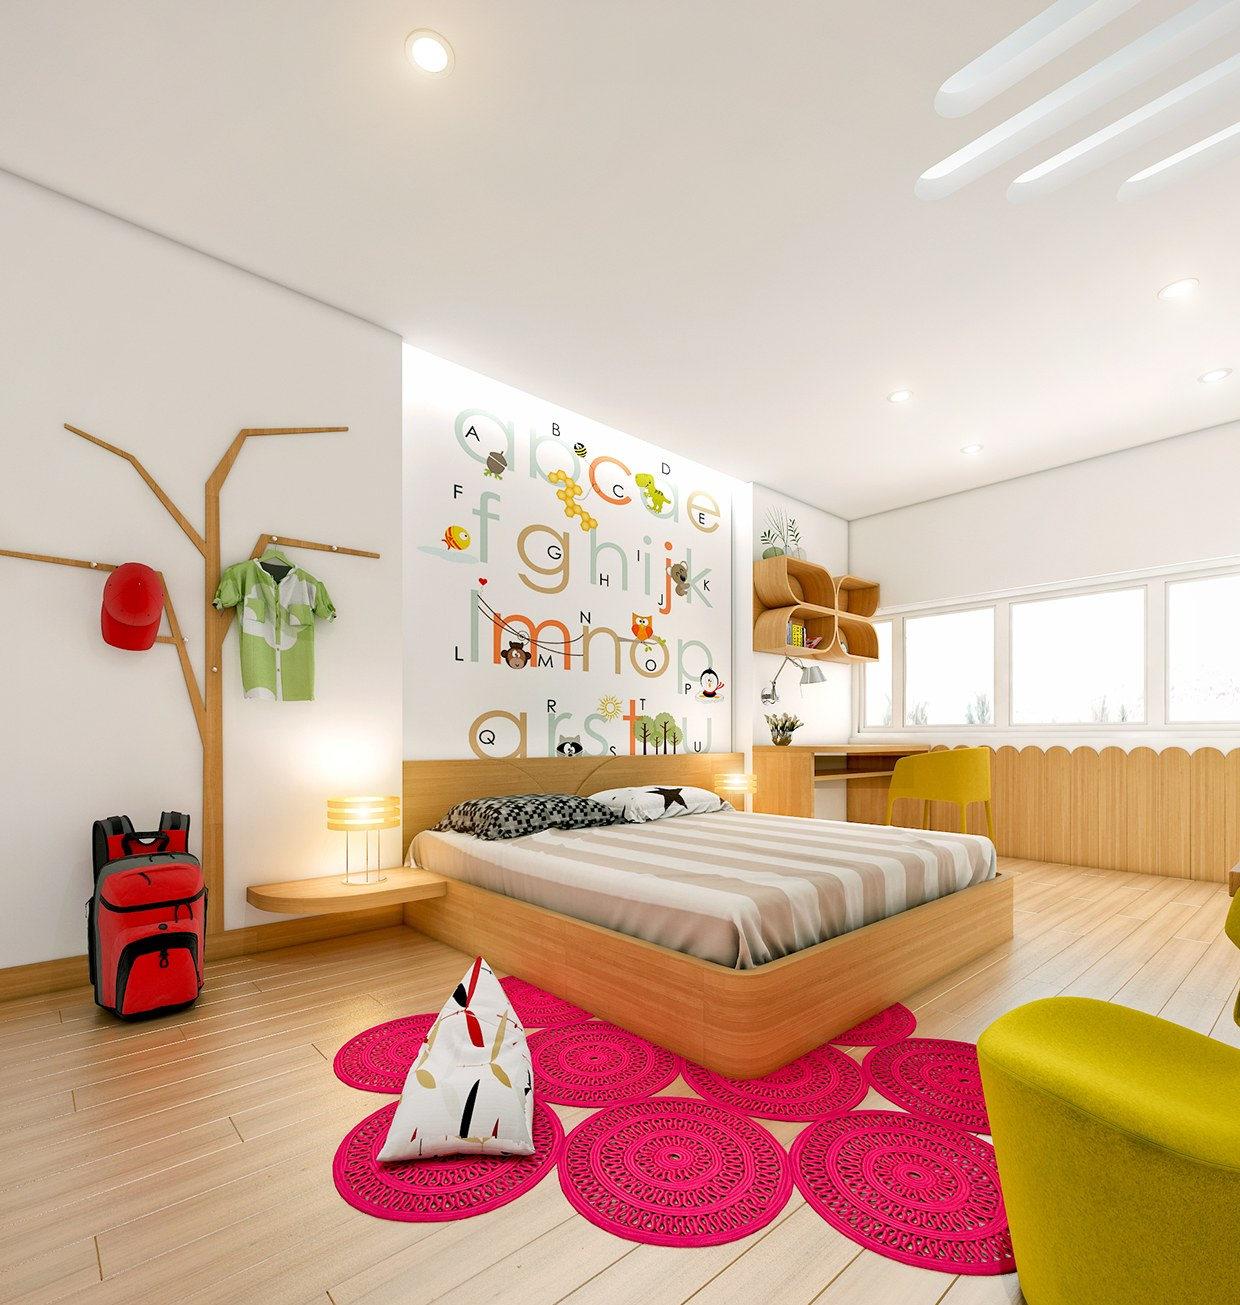 24+ Teen Boys Room Designs, Decorating Ideas   Design ... on Teenager Style Teenage Room  id=67474